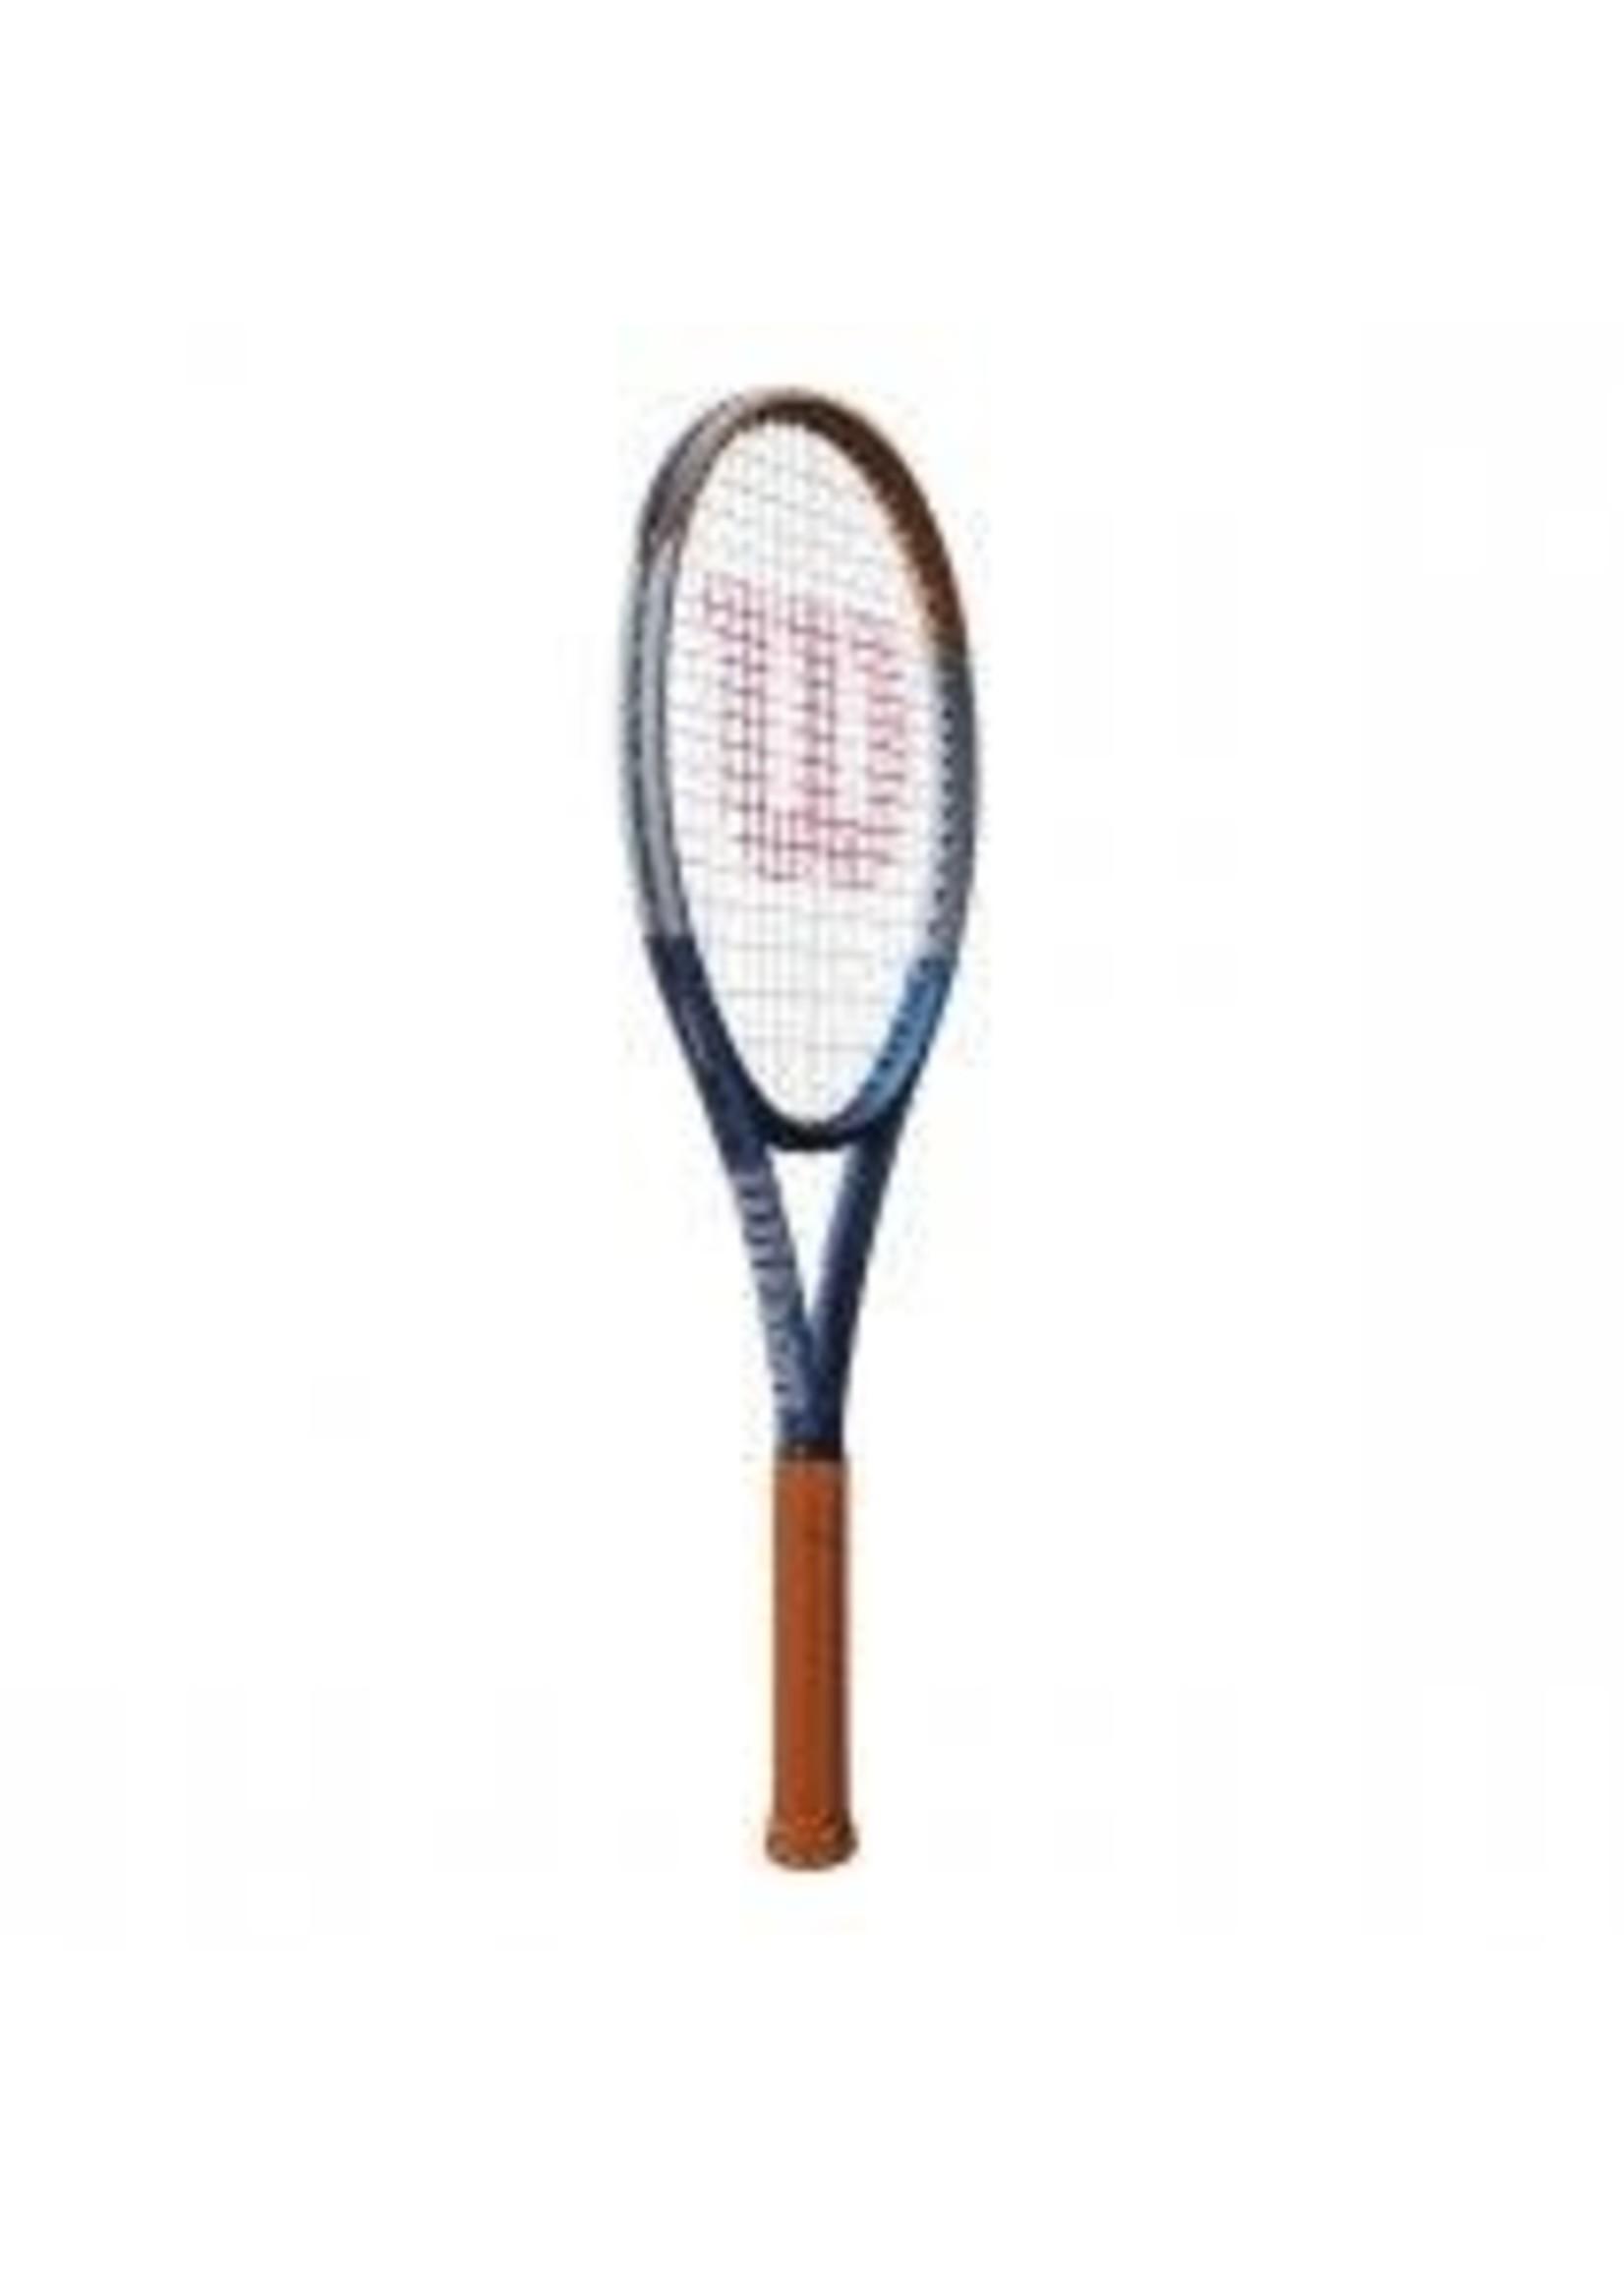 Wilson Wilson Clash 100 Roland Garros